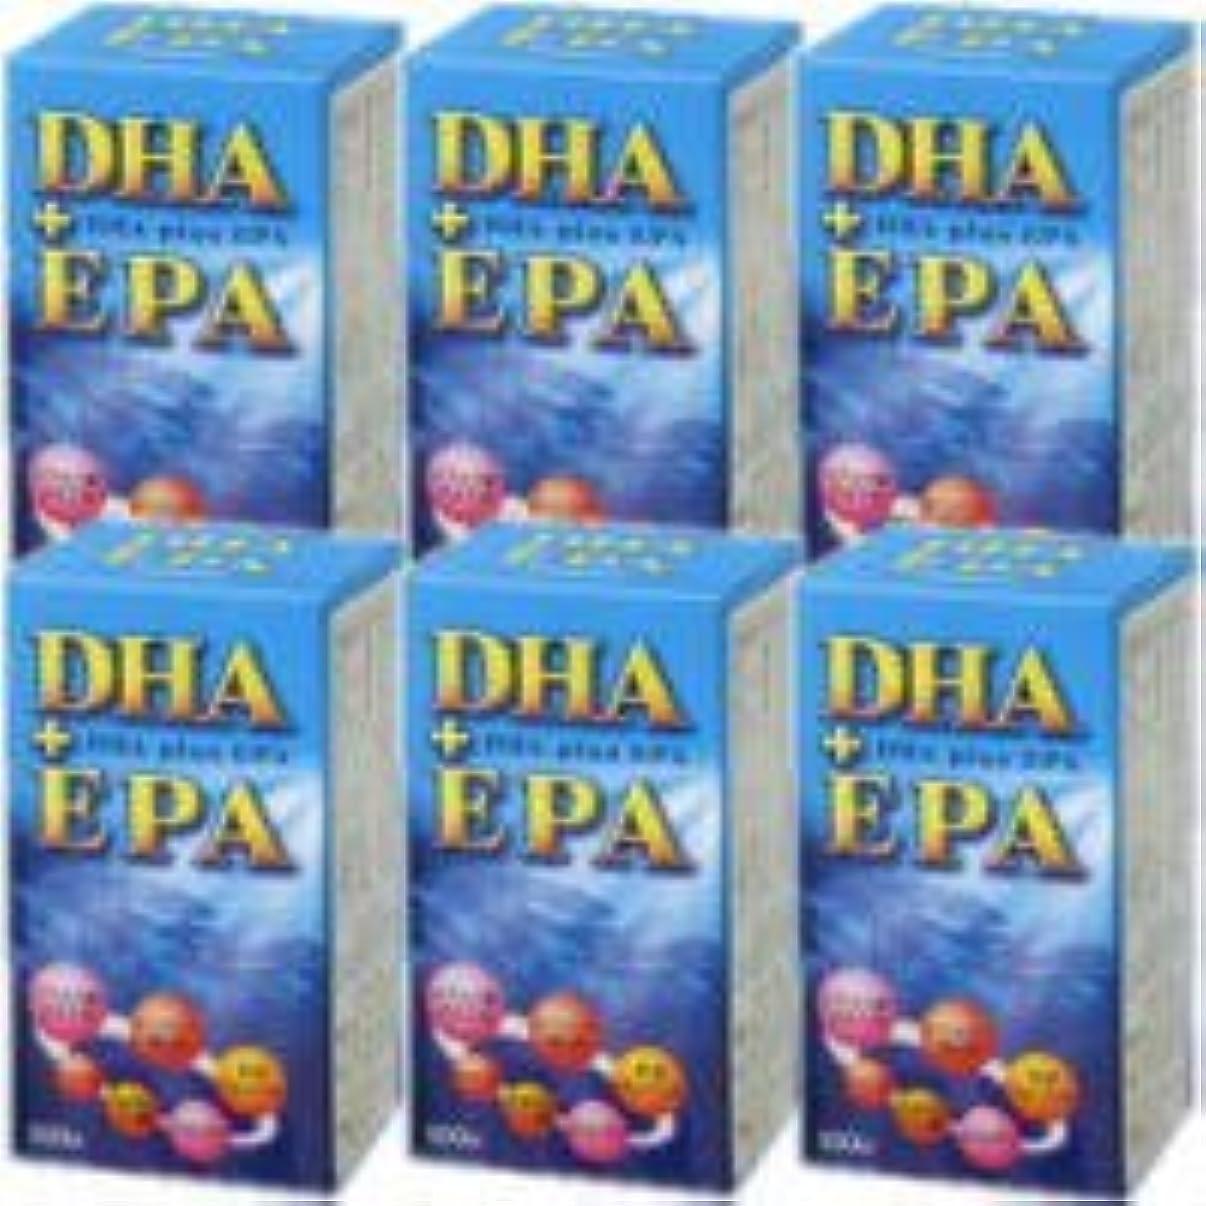 大テレマコス不安定なDHA+EPA 6個